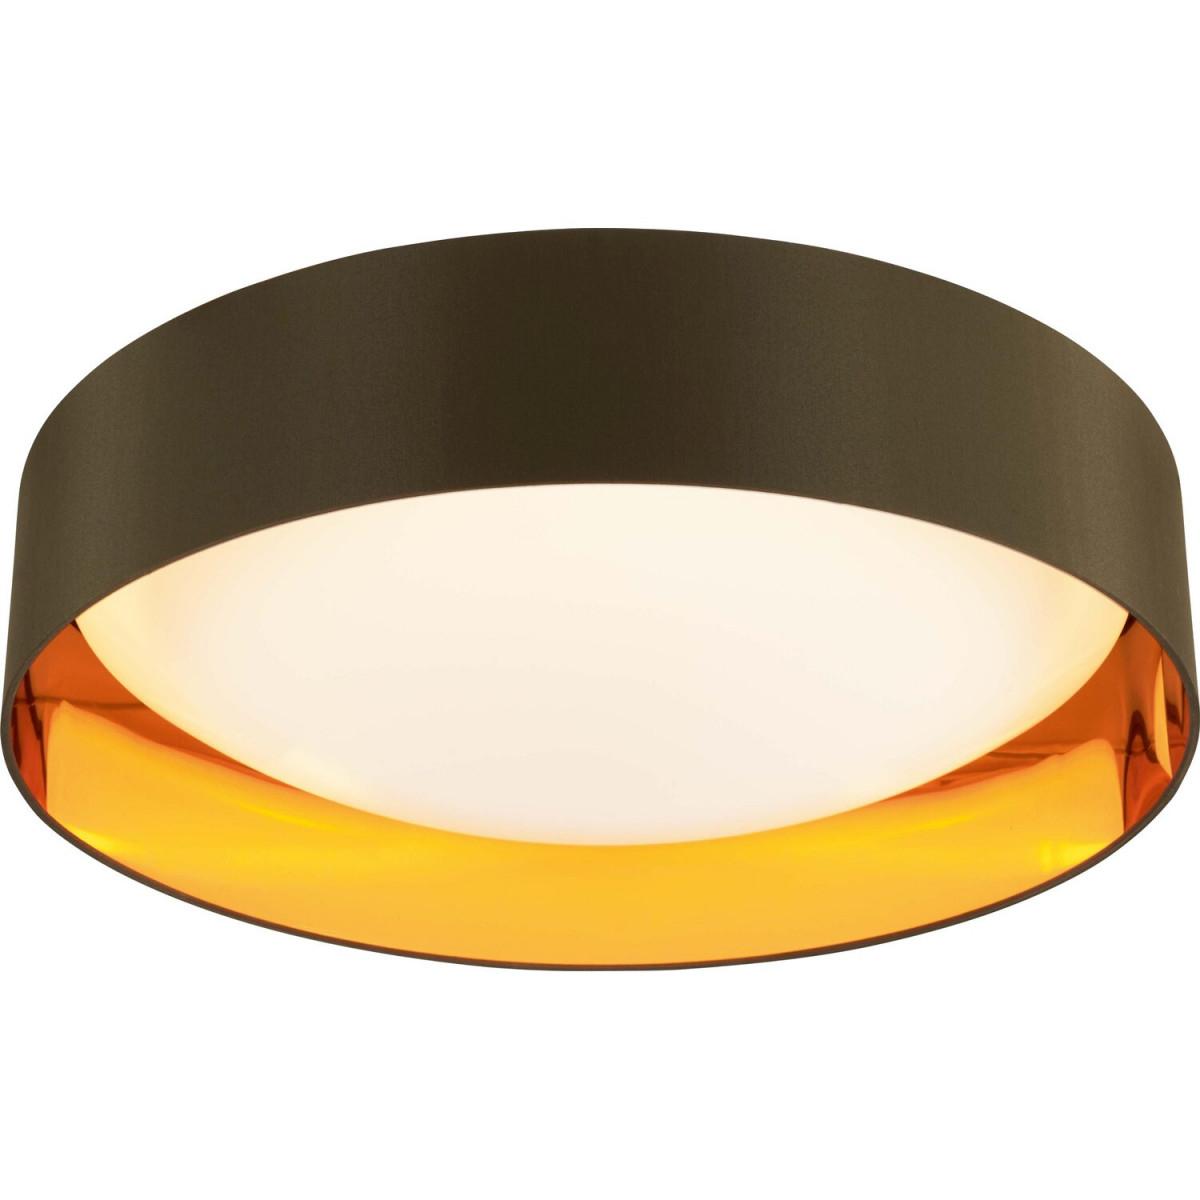 Leddeckenleuchte Aliano Goldbraun Ø 60 Cm Eek A von Deckenleuchte Wohnzimmer Gold Bild